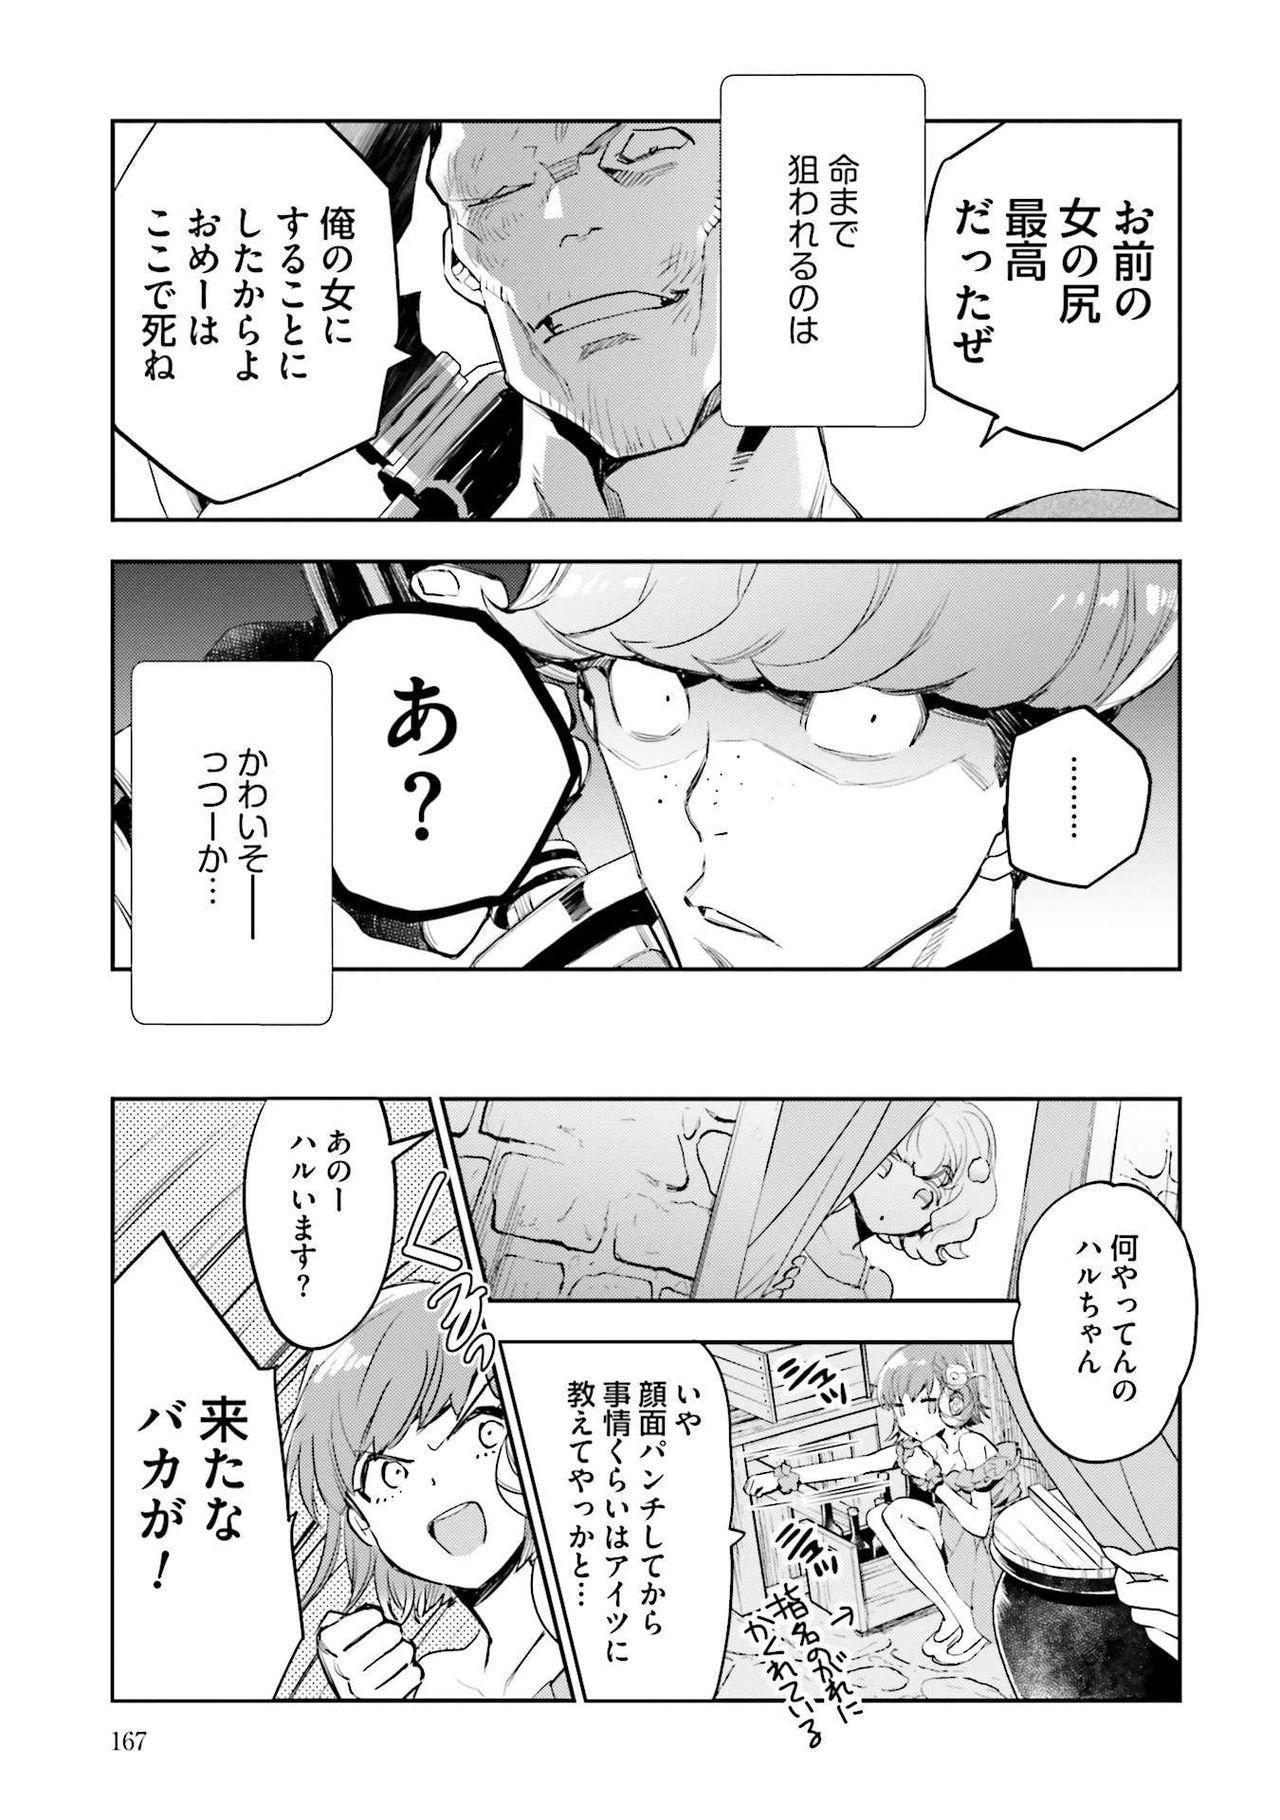 JK Haru wa Isekai de Shoufu ni Natta 1-14 168